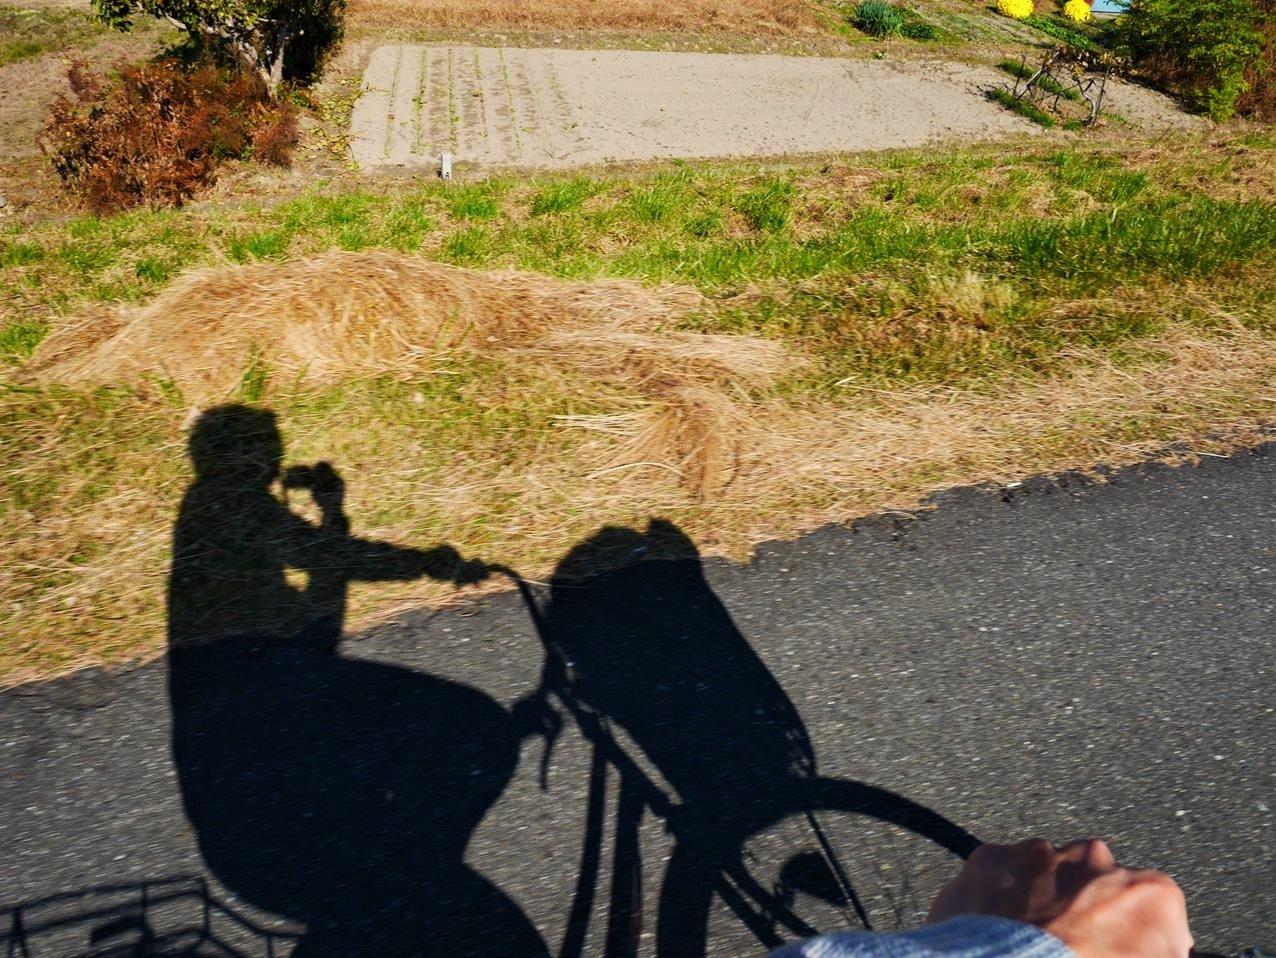 安曇野騎腳踏車遊覽